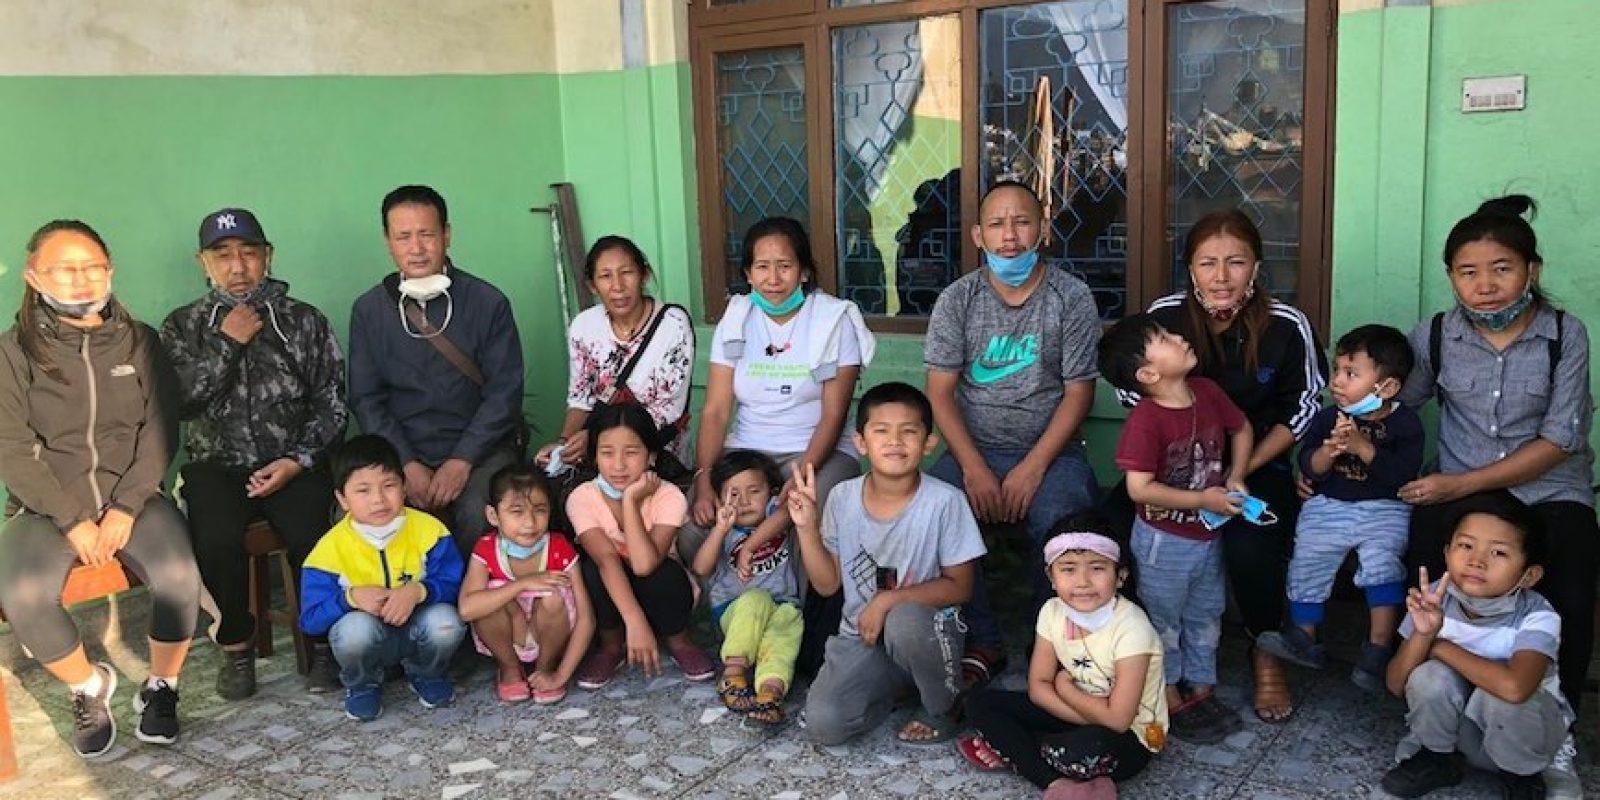 Familles tibétaines vivant à  Kathmandu (Népal) aidées à hauteur de 1500€ lors d'une première aide versées en juillet 2020, dans le cadre de la crise liée à la pandémie de la Covid-19.